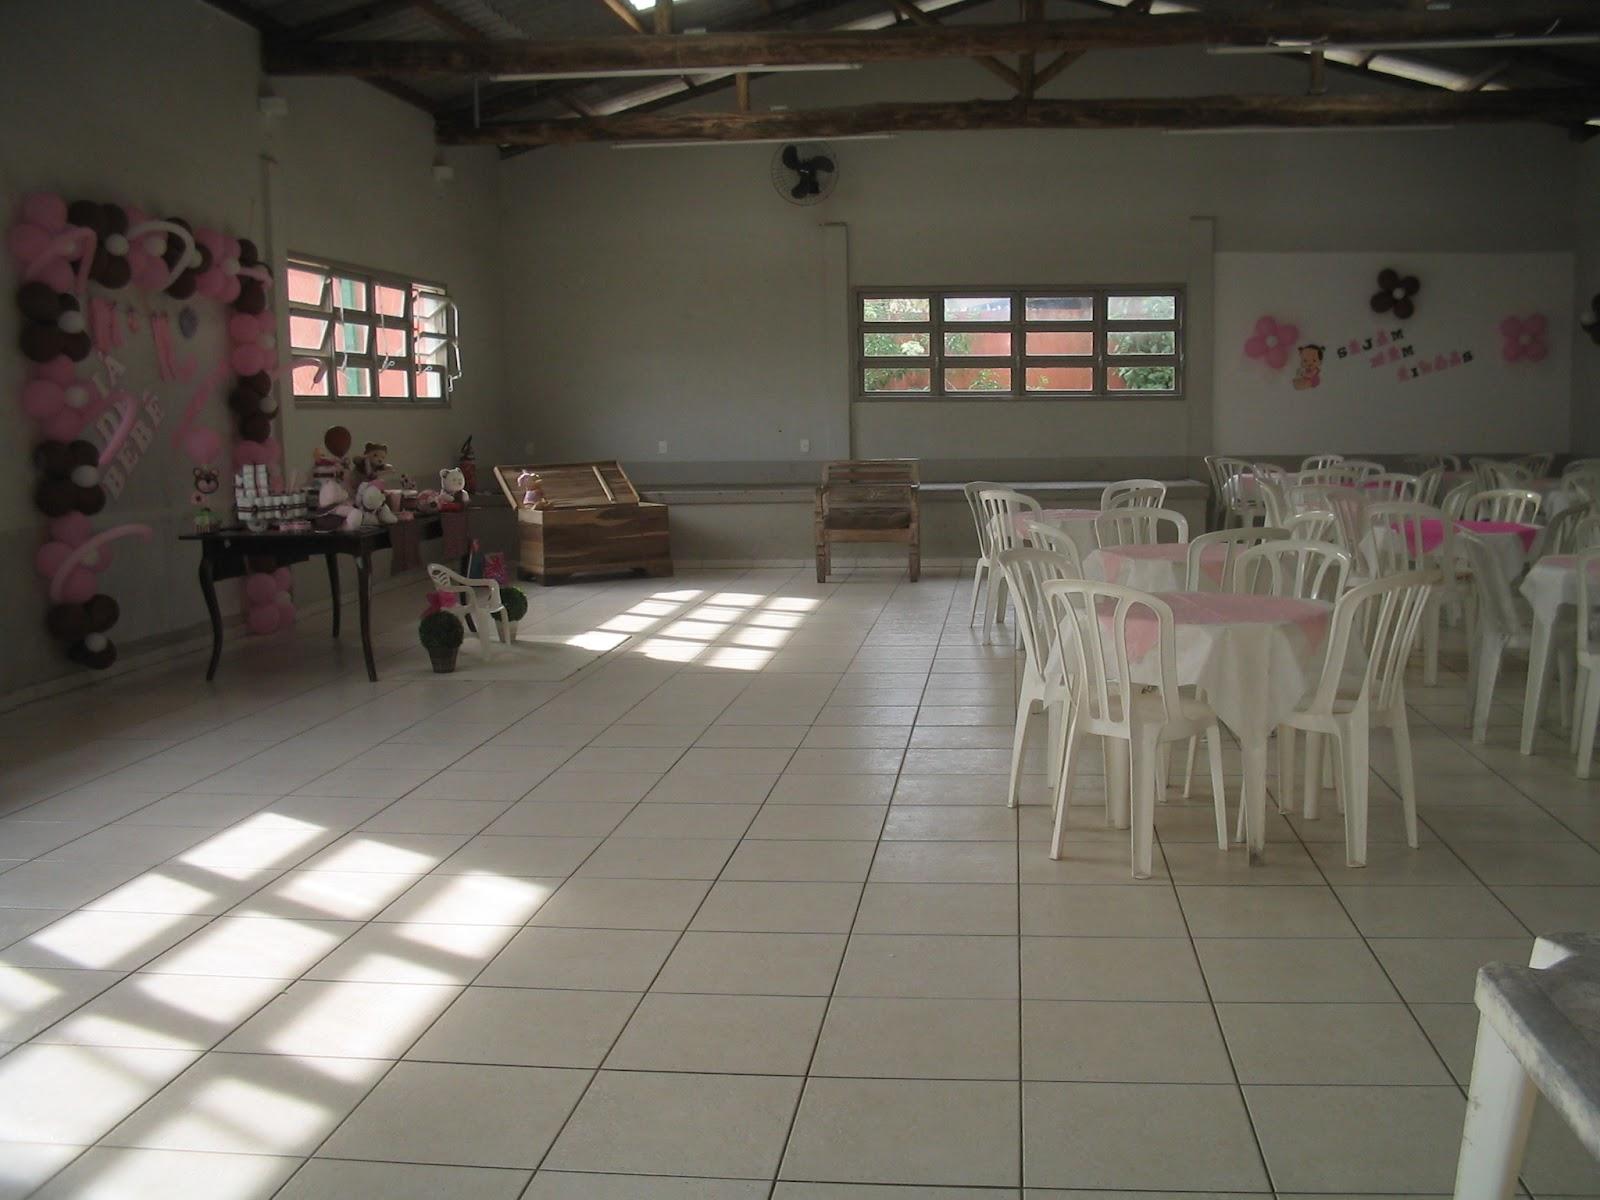 Aluguel do Salão/FESTAS ~ Associação Comunitária Morro das Pedras #796052 1600 1200